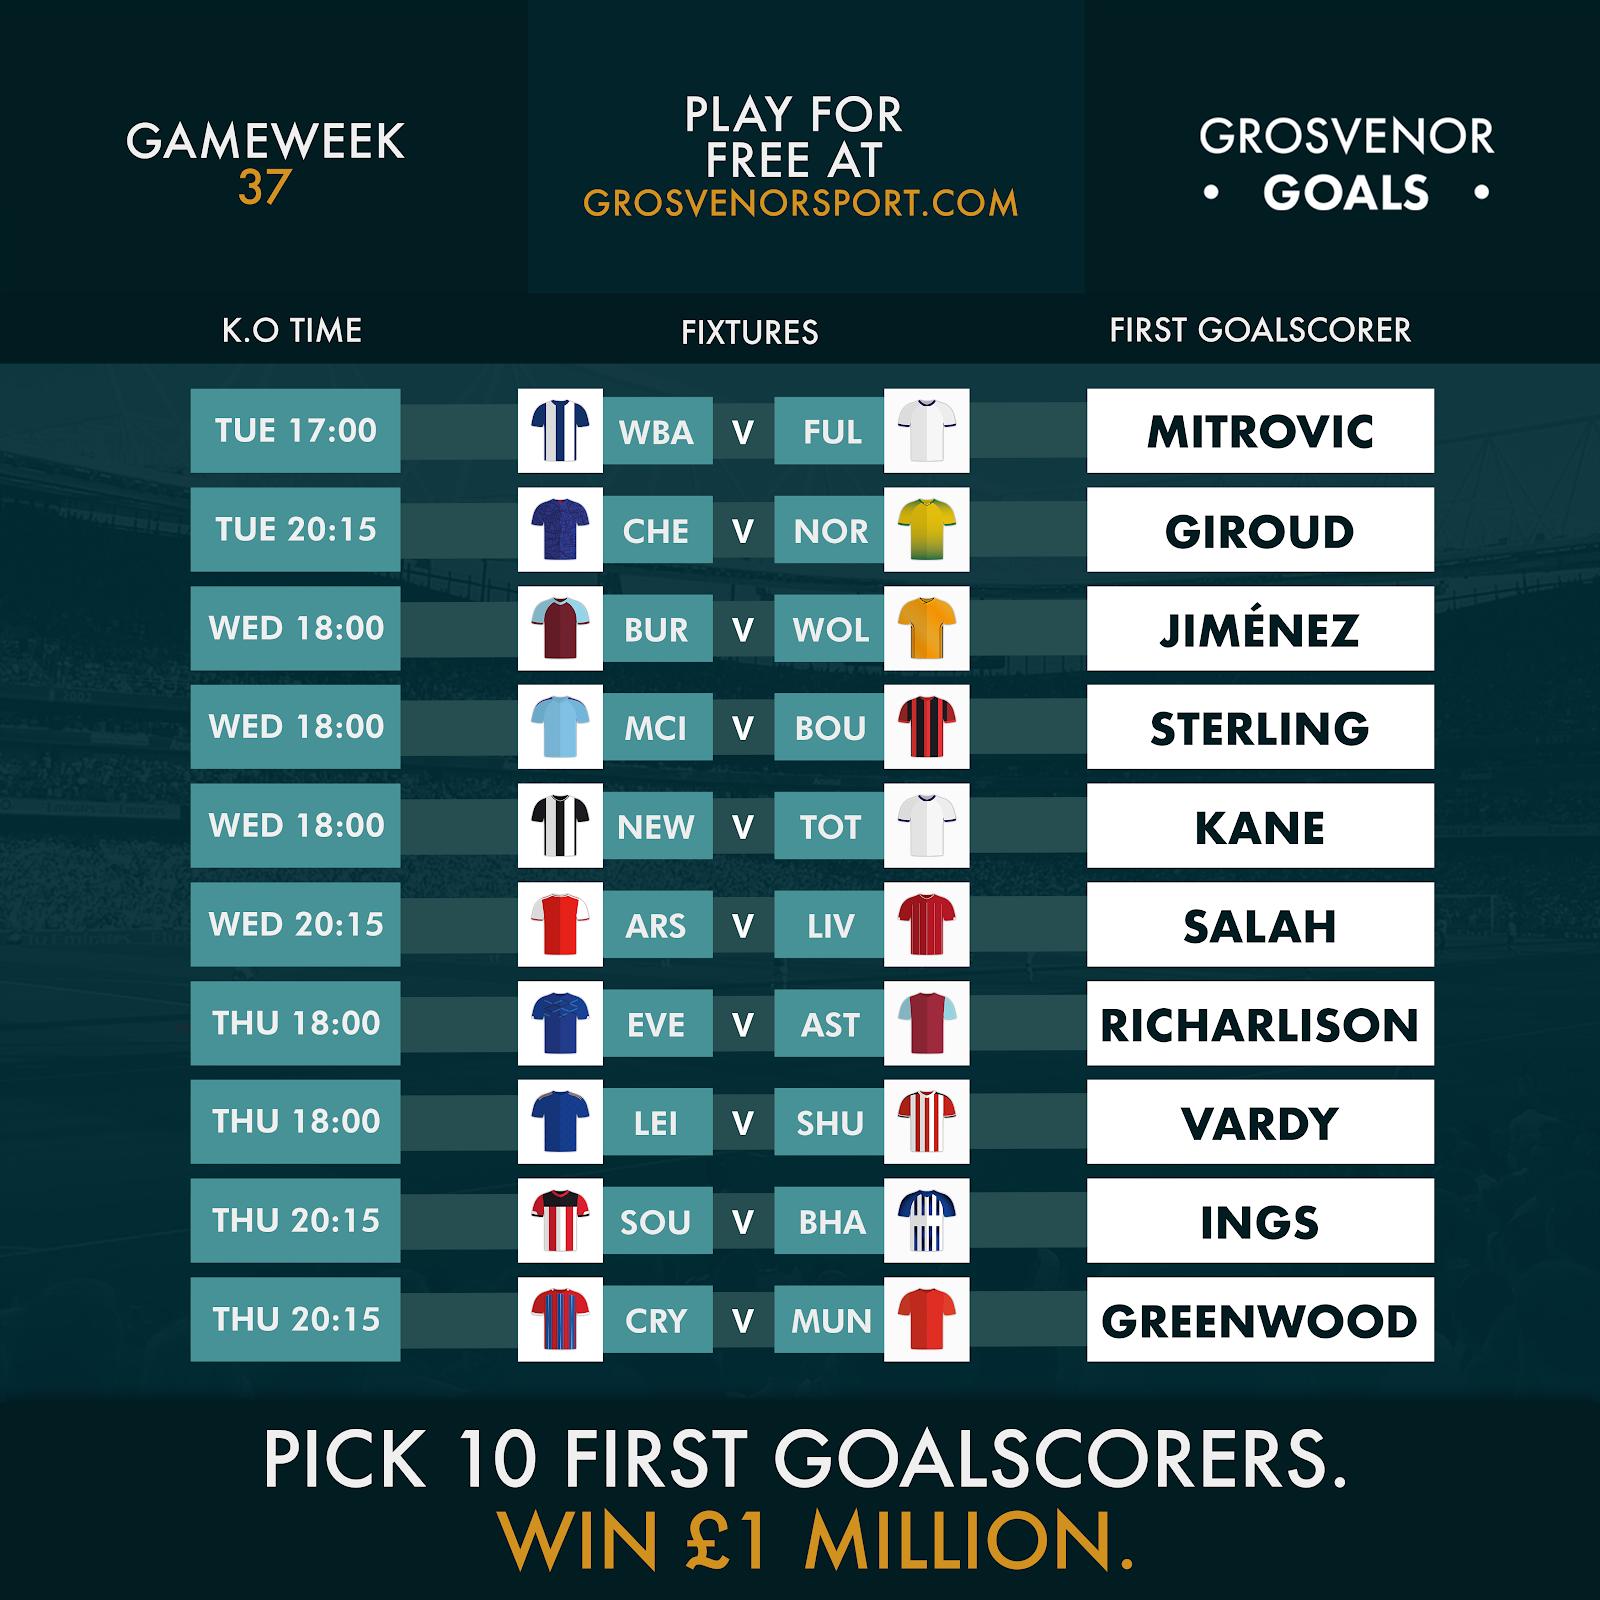 Grosvenor Goals GW37: Prediksi Pencetak Gol Pertama